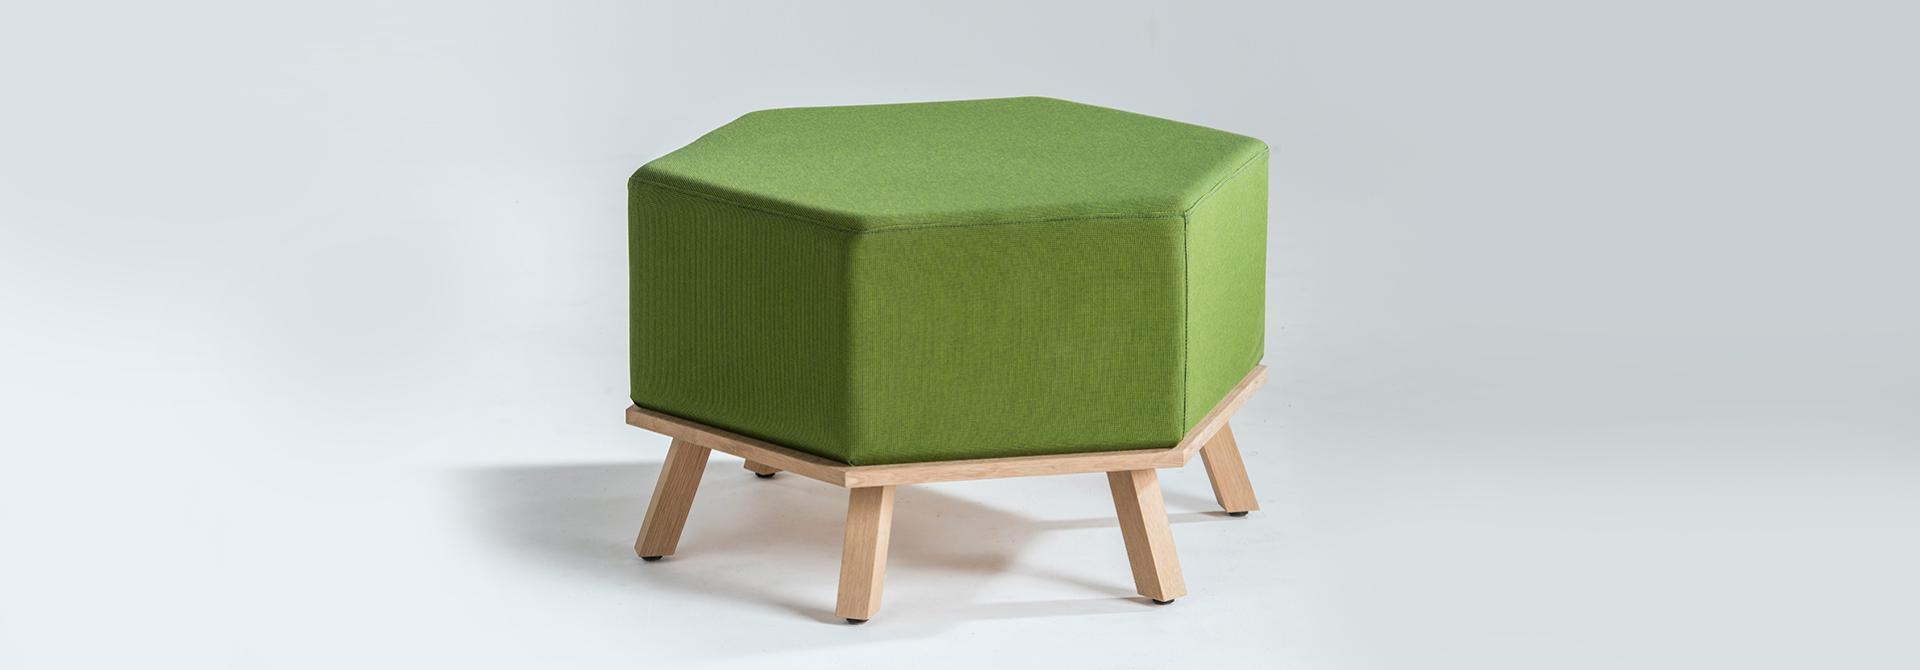 pouf hex groen met houten poten